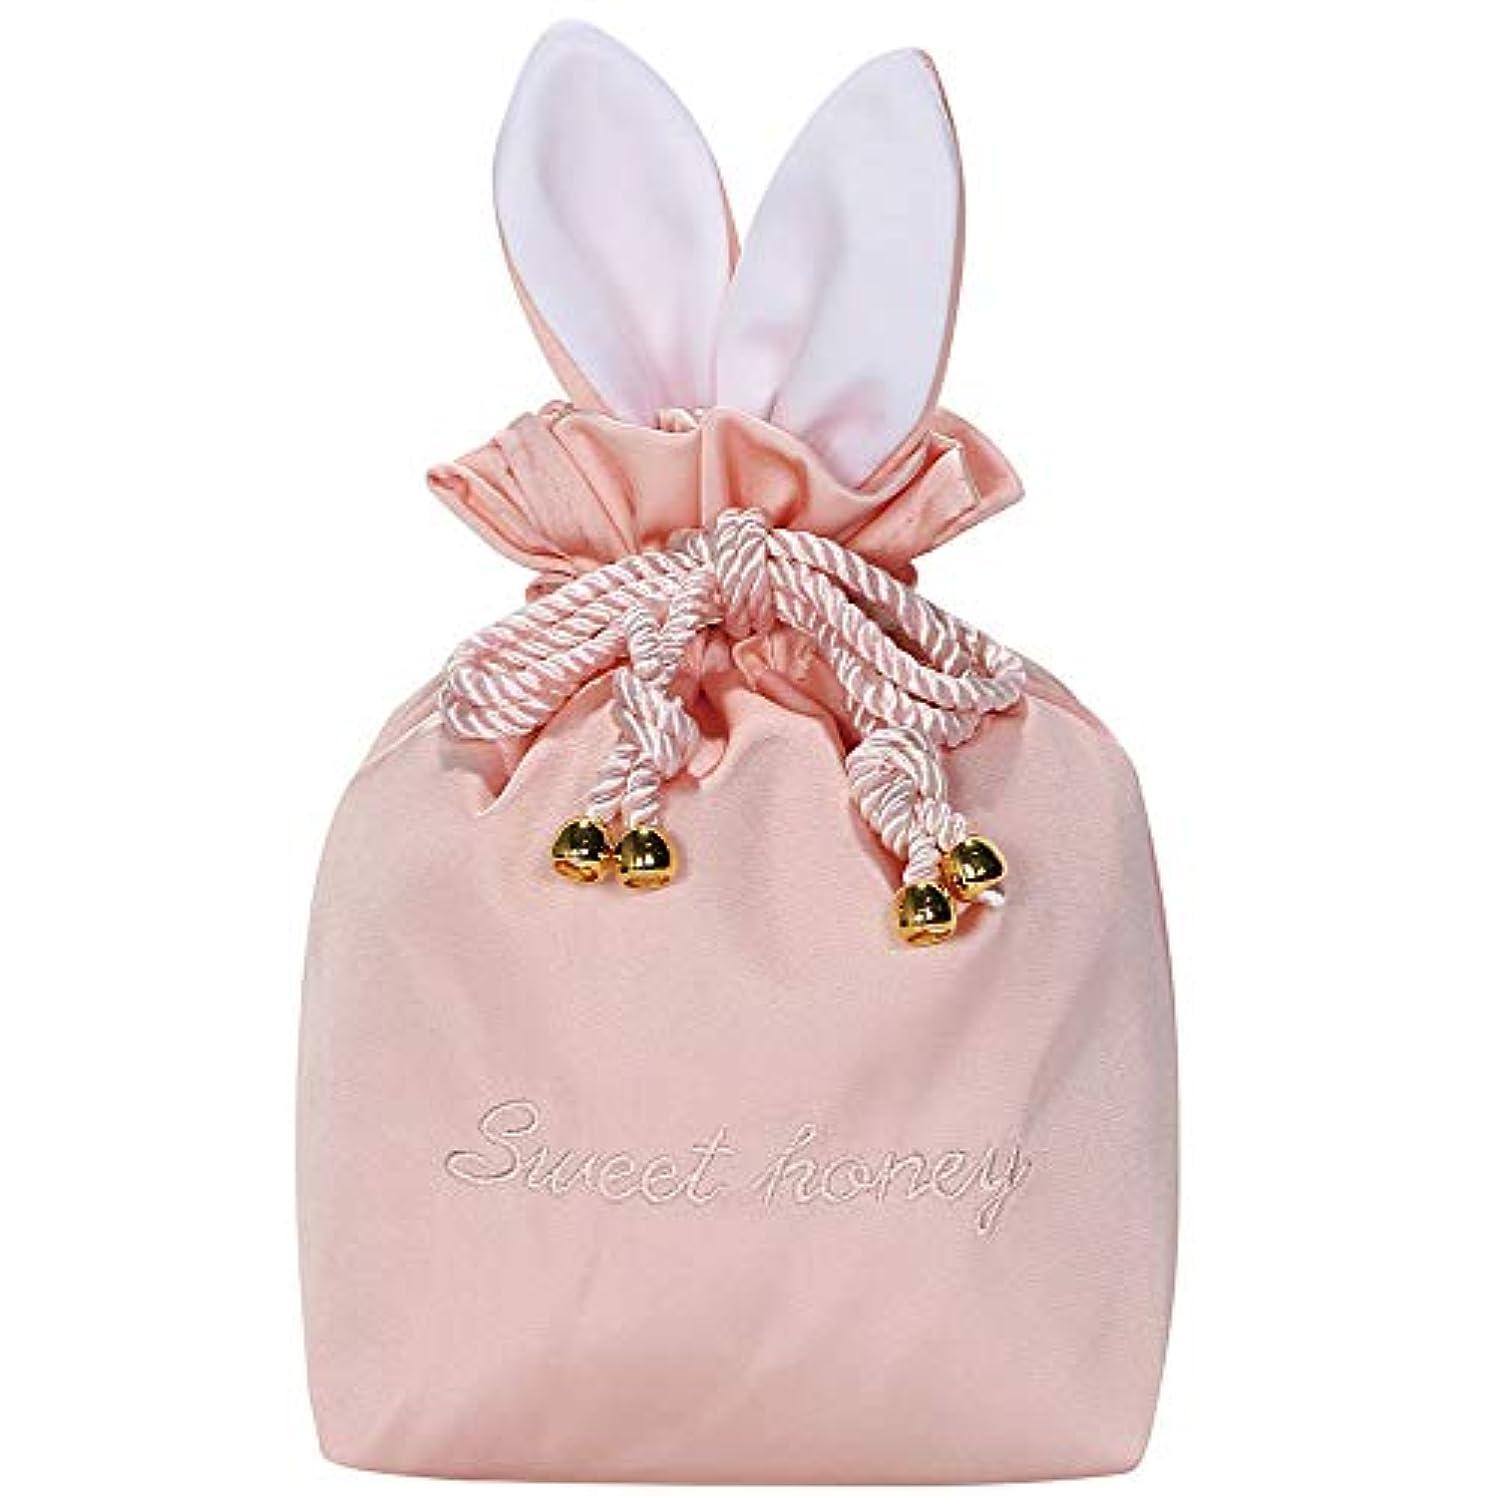 労苦強制的印象【KIRAHOLL】ラパンポーチ ウサギ うさぎ ブランド かわいい おしゃれ ピンク アニマル 巾着 メイク 化粧ポーチ 小物入れ (ピンク)